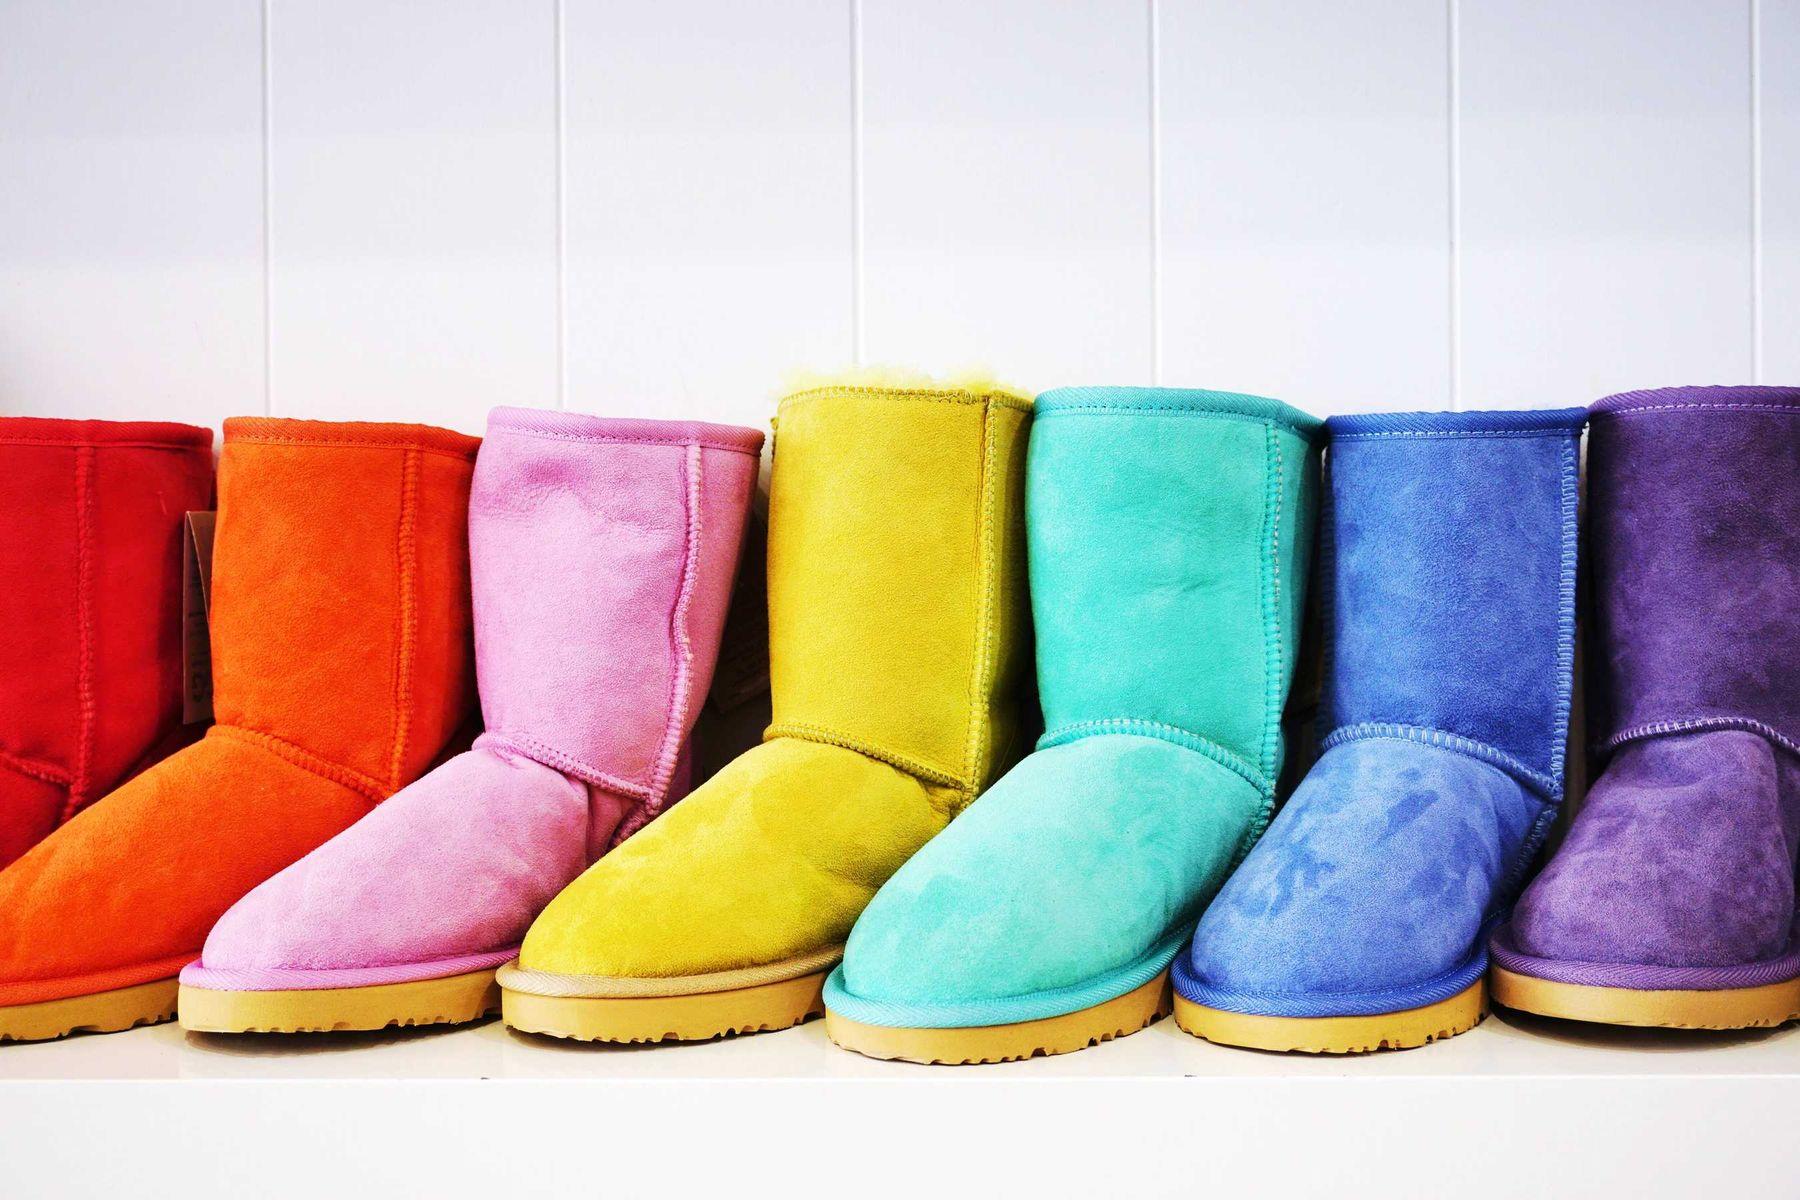 6-dicas-de-como-organizar-sapatos